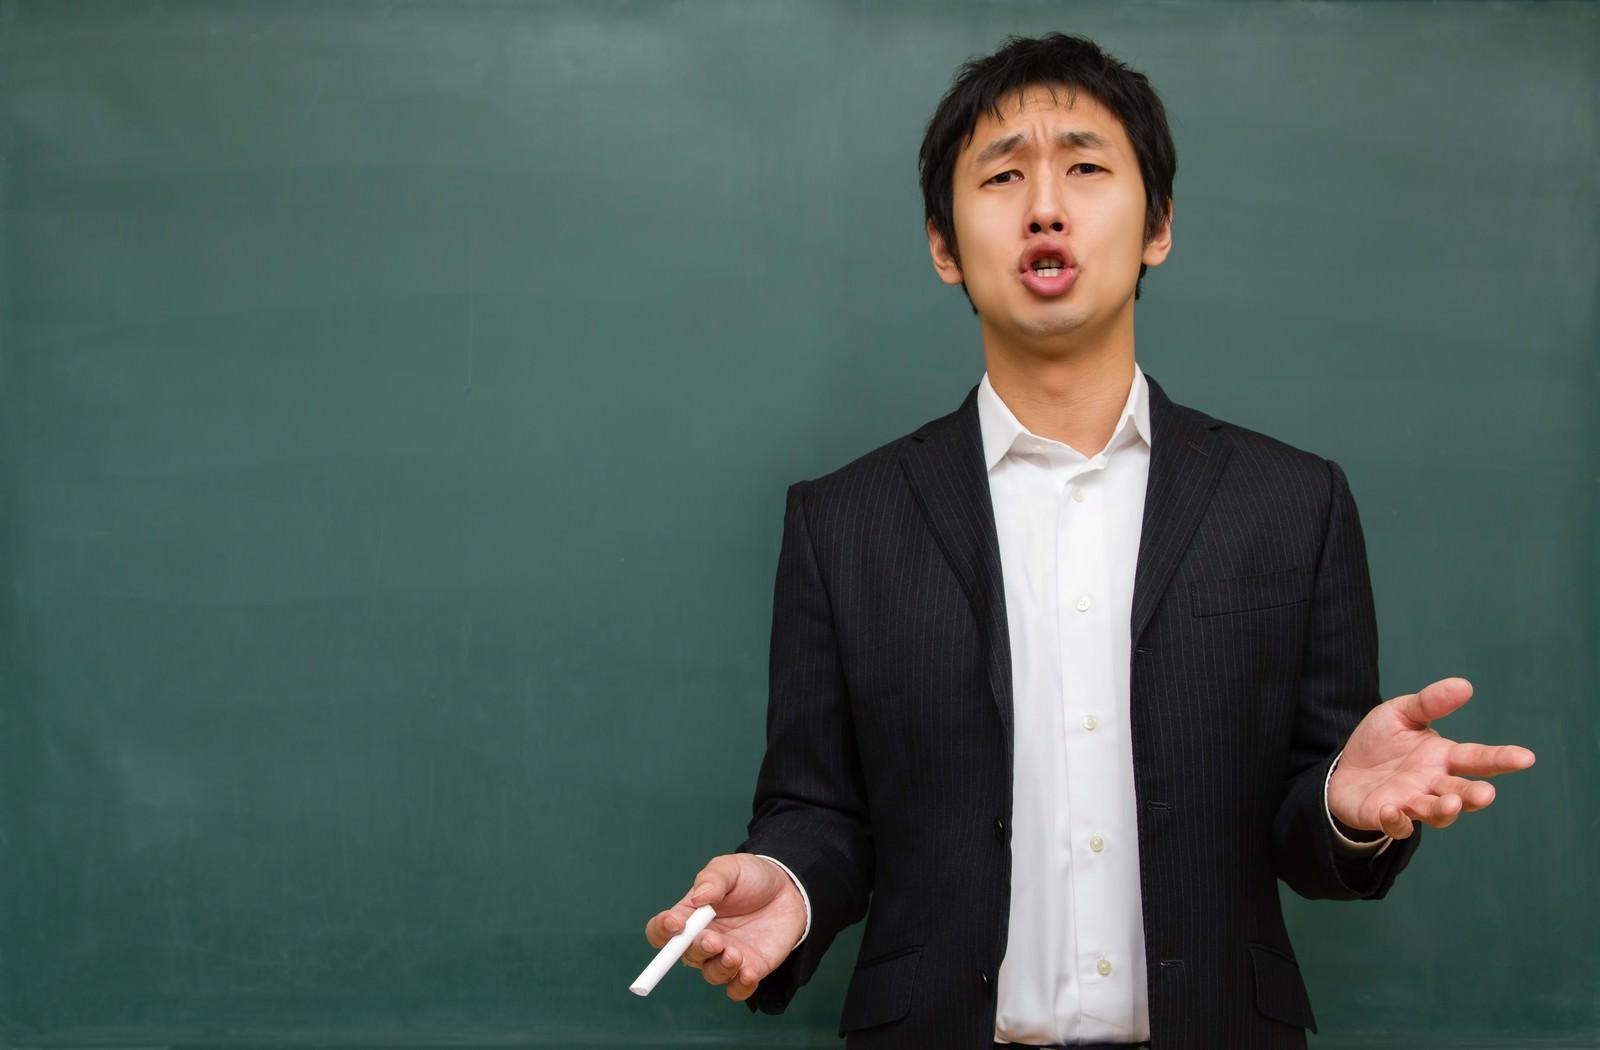 「受験の今を語る塾講師」の写真[モデル:大川竜弥]